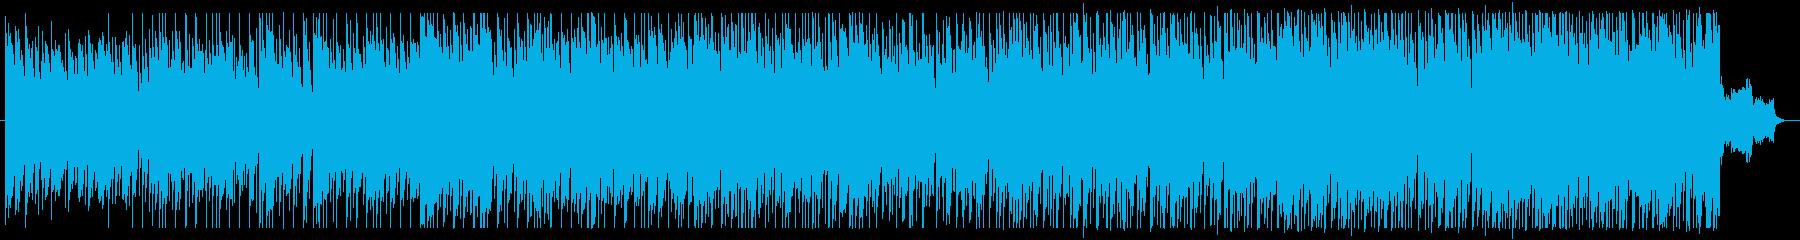 不安と緊張感のあるエレクトロの再生済みの波形